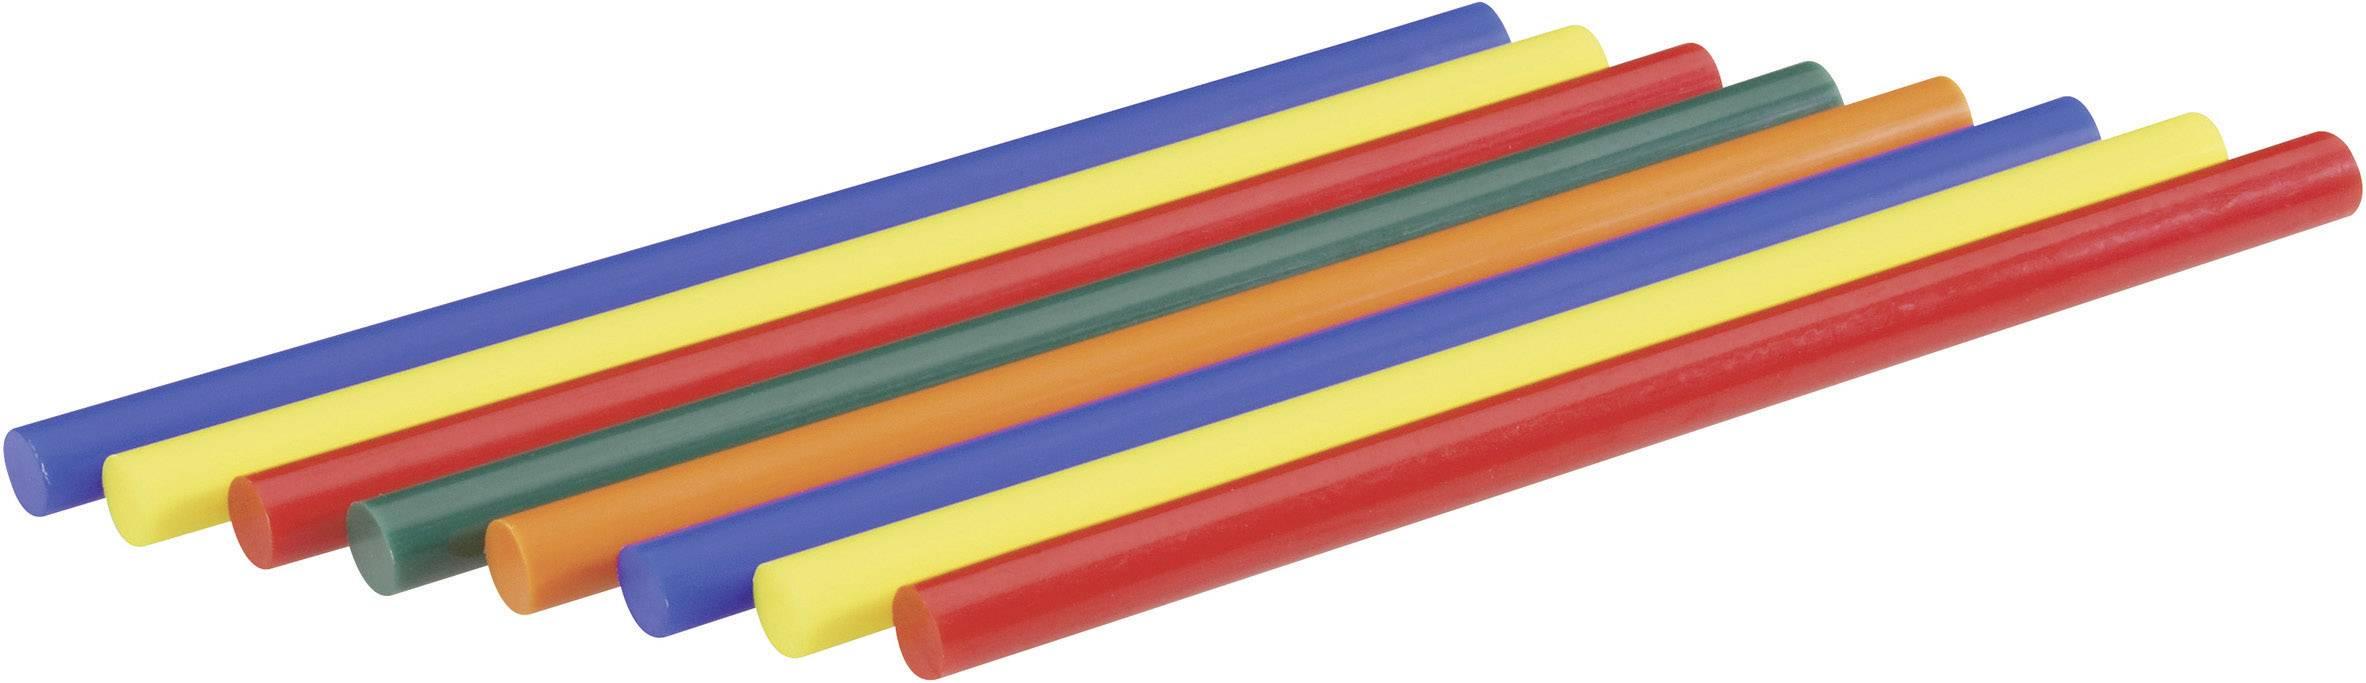 Lepiace tyčinky Steinel 047719, Ø 11 mm, délka 200 mm, 8 ks, rôzne farby triedené